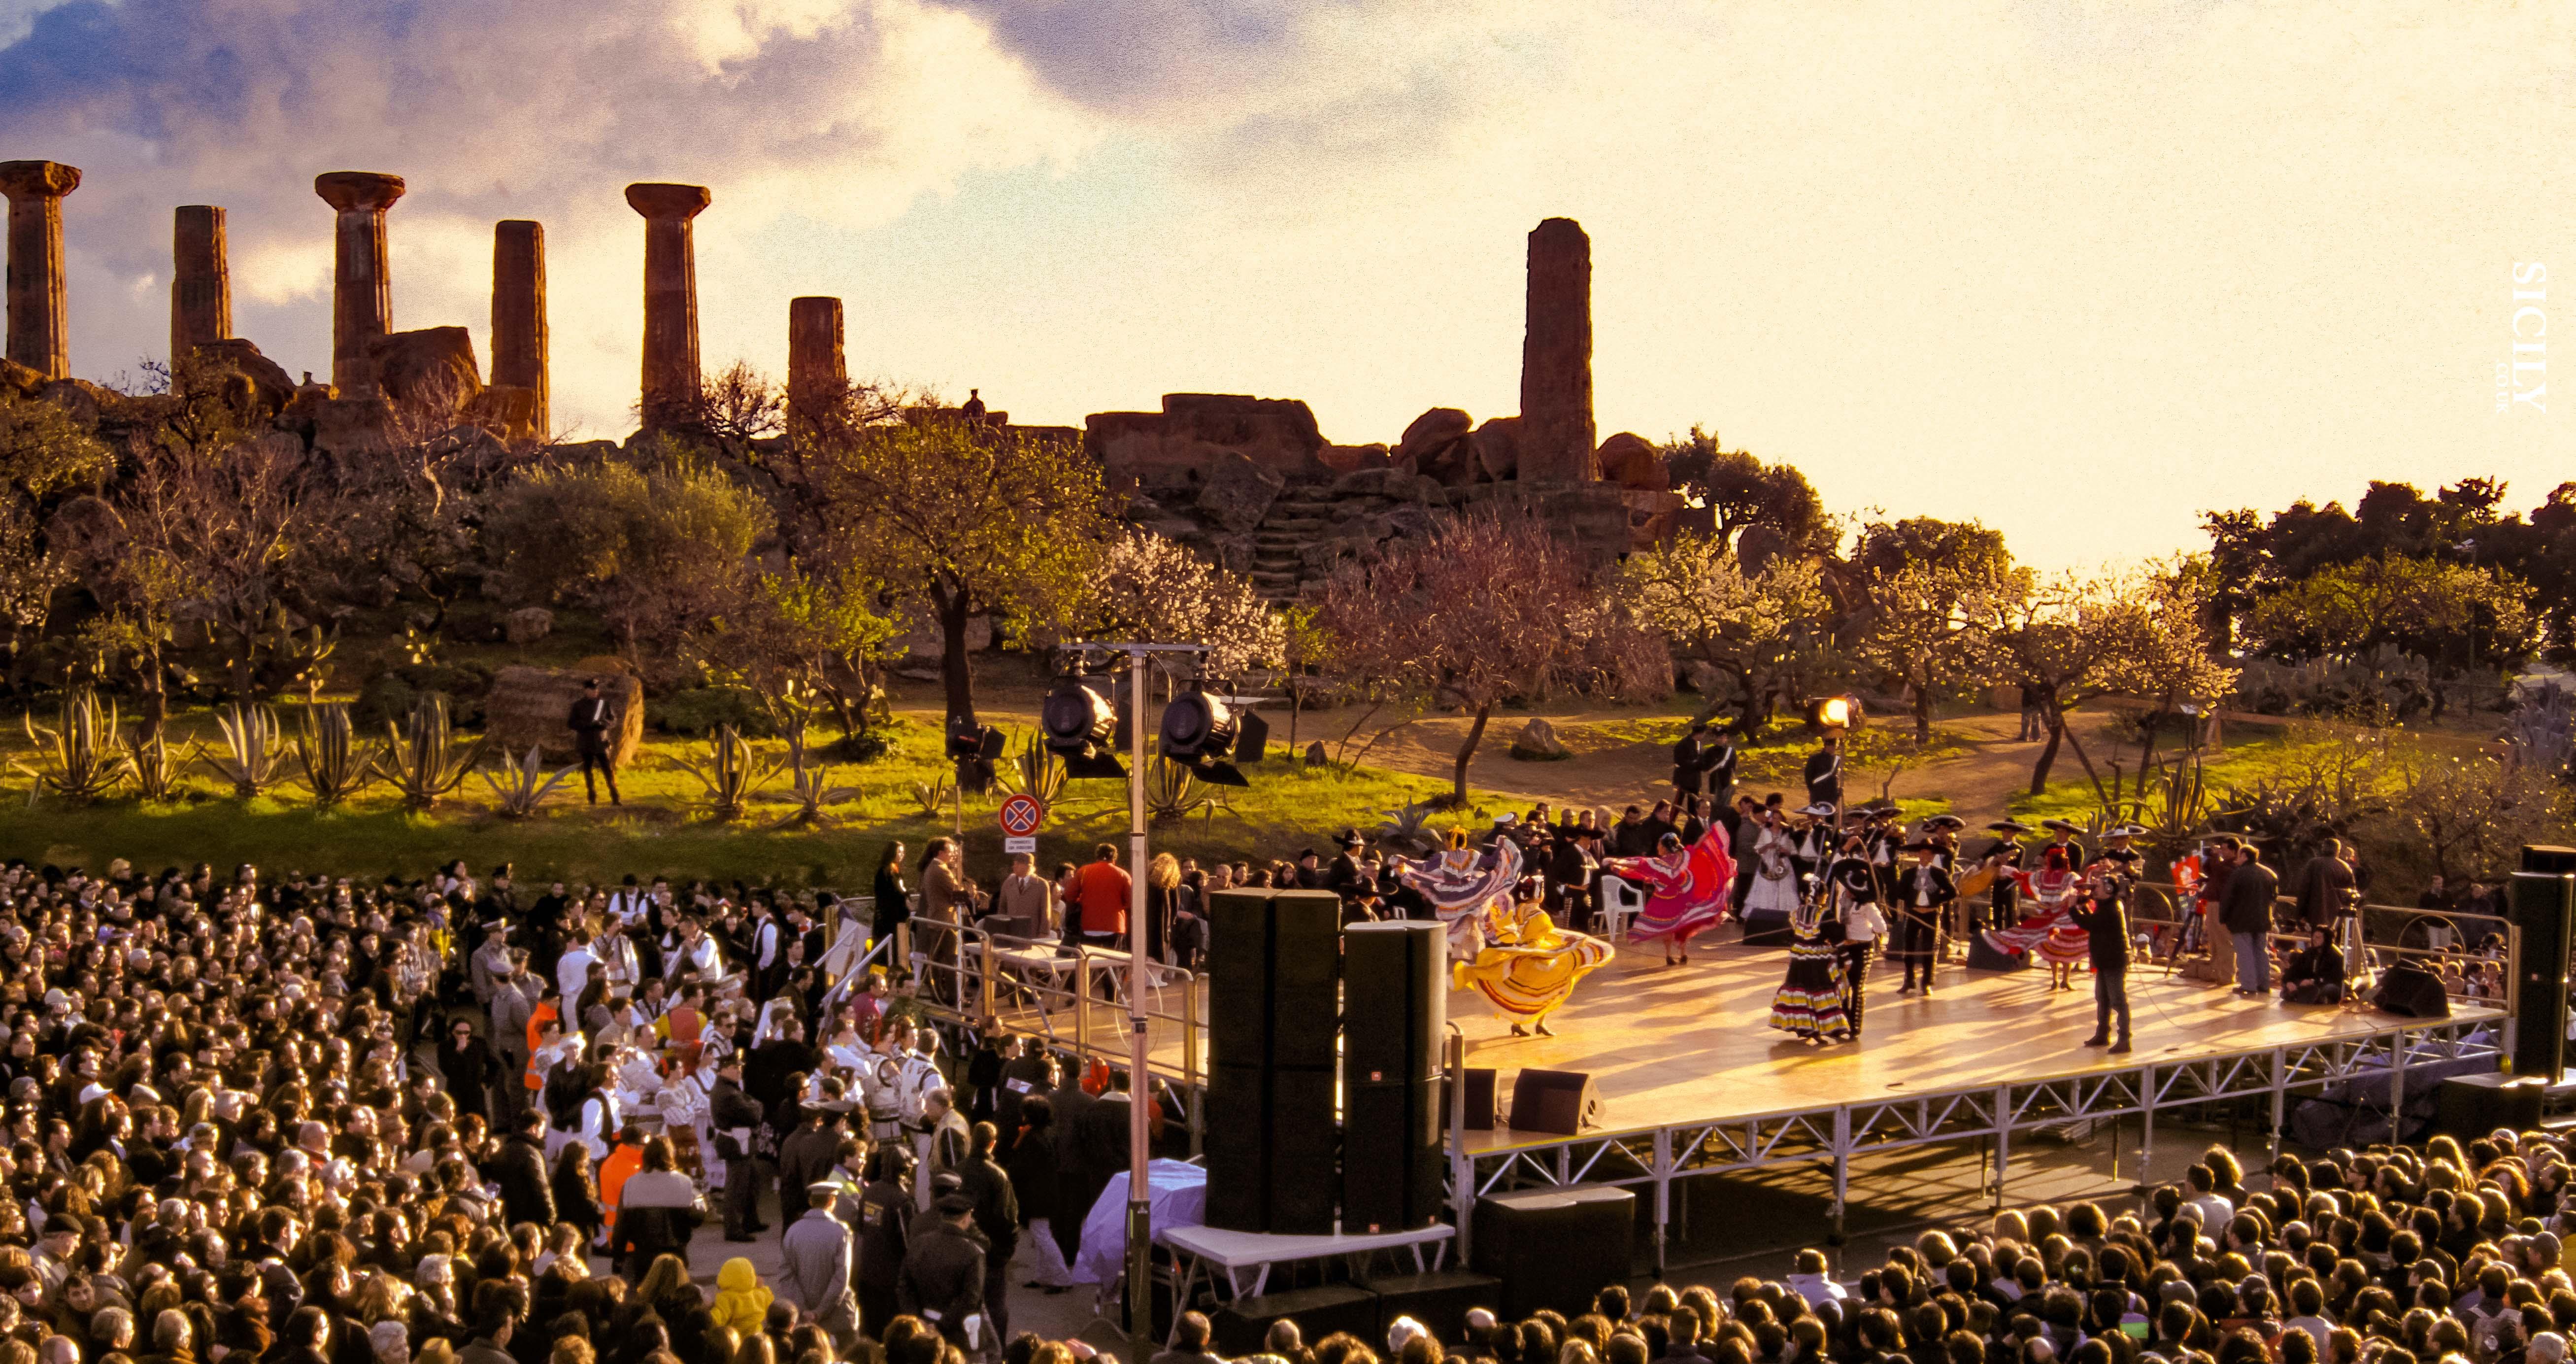 Sagra del Mandorlo in Fiore / The Almond Blossom Festival - Sicily